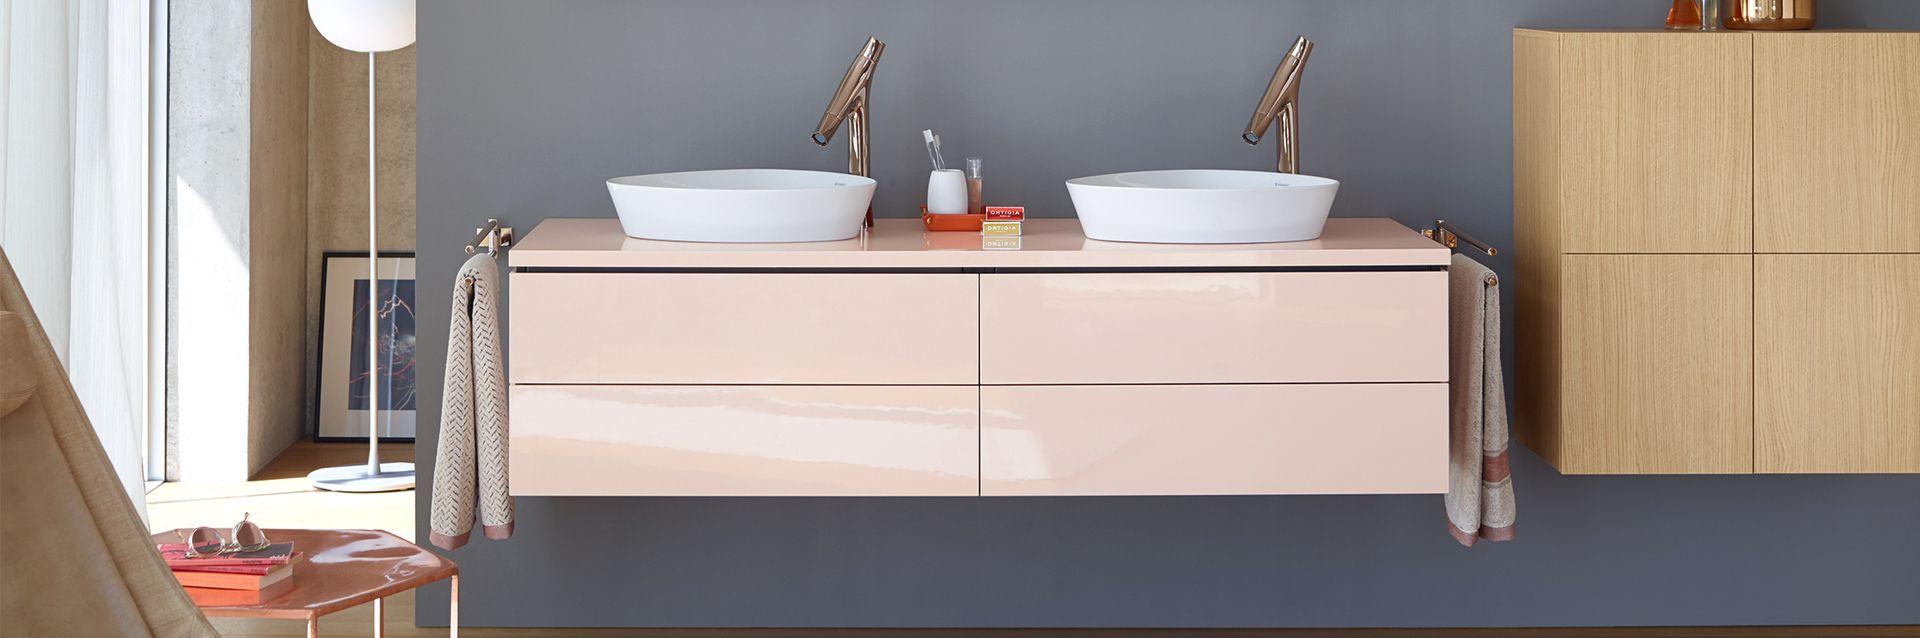 Duravit badkamermeubel – stijlvolle opbermogelijkheden voor uw ...